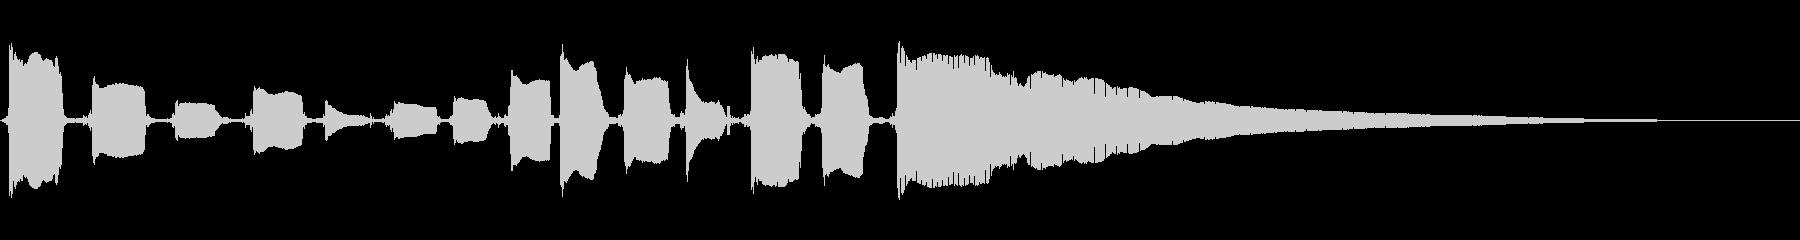 ELECTRIC GUITAR:D...の未再生の波形